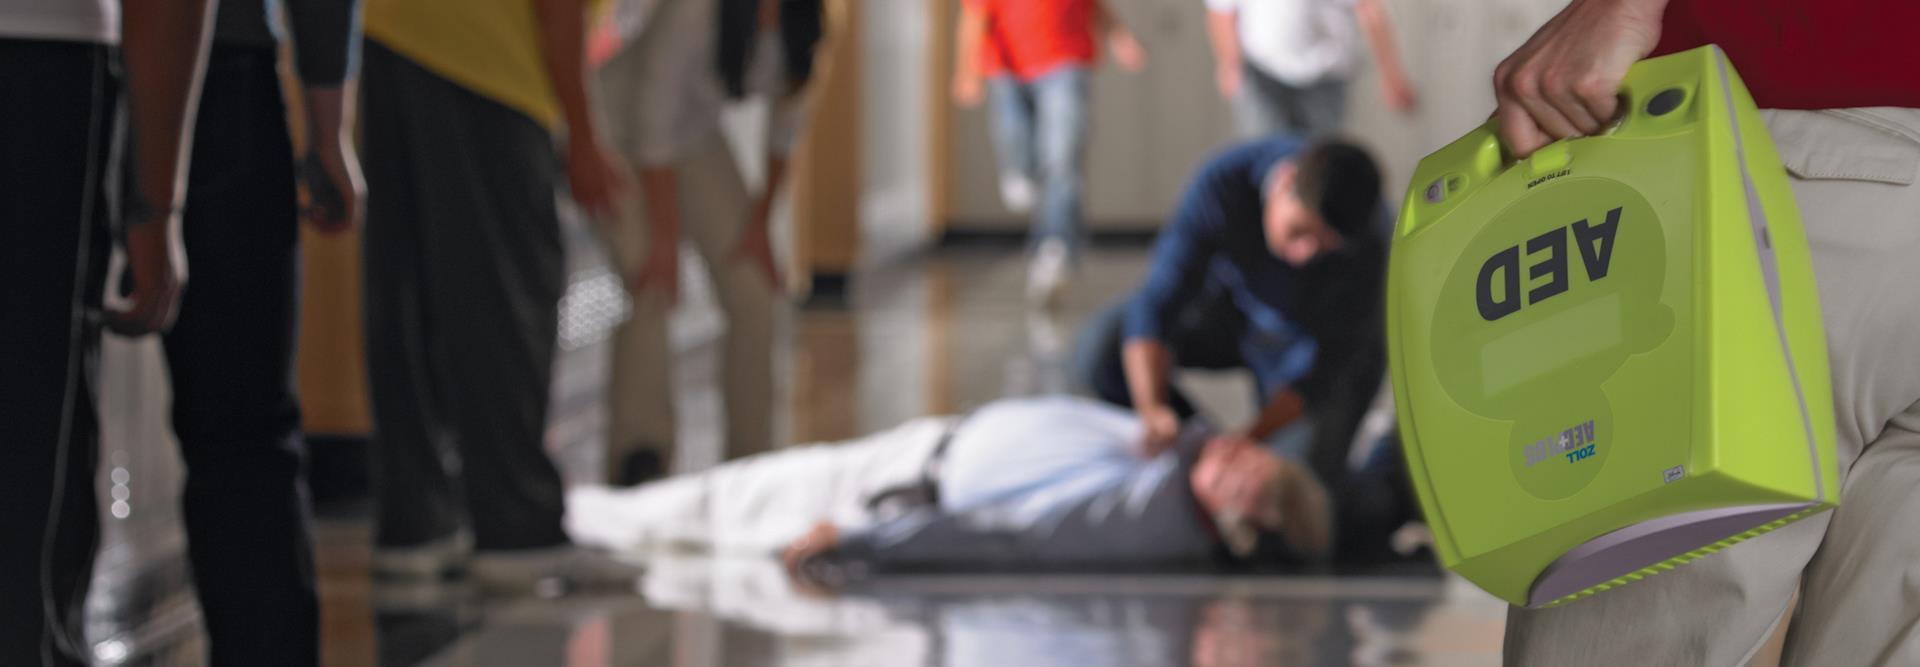 AED Defibrillator Sale Perth